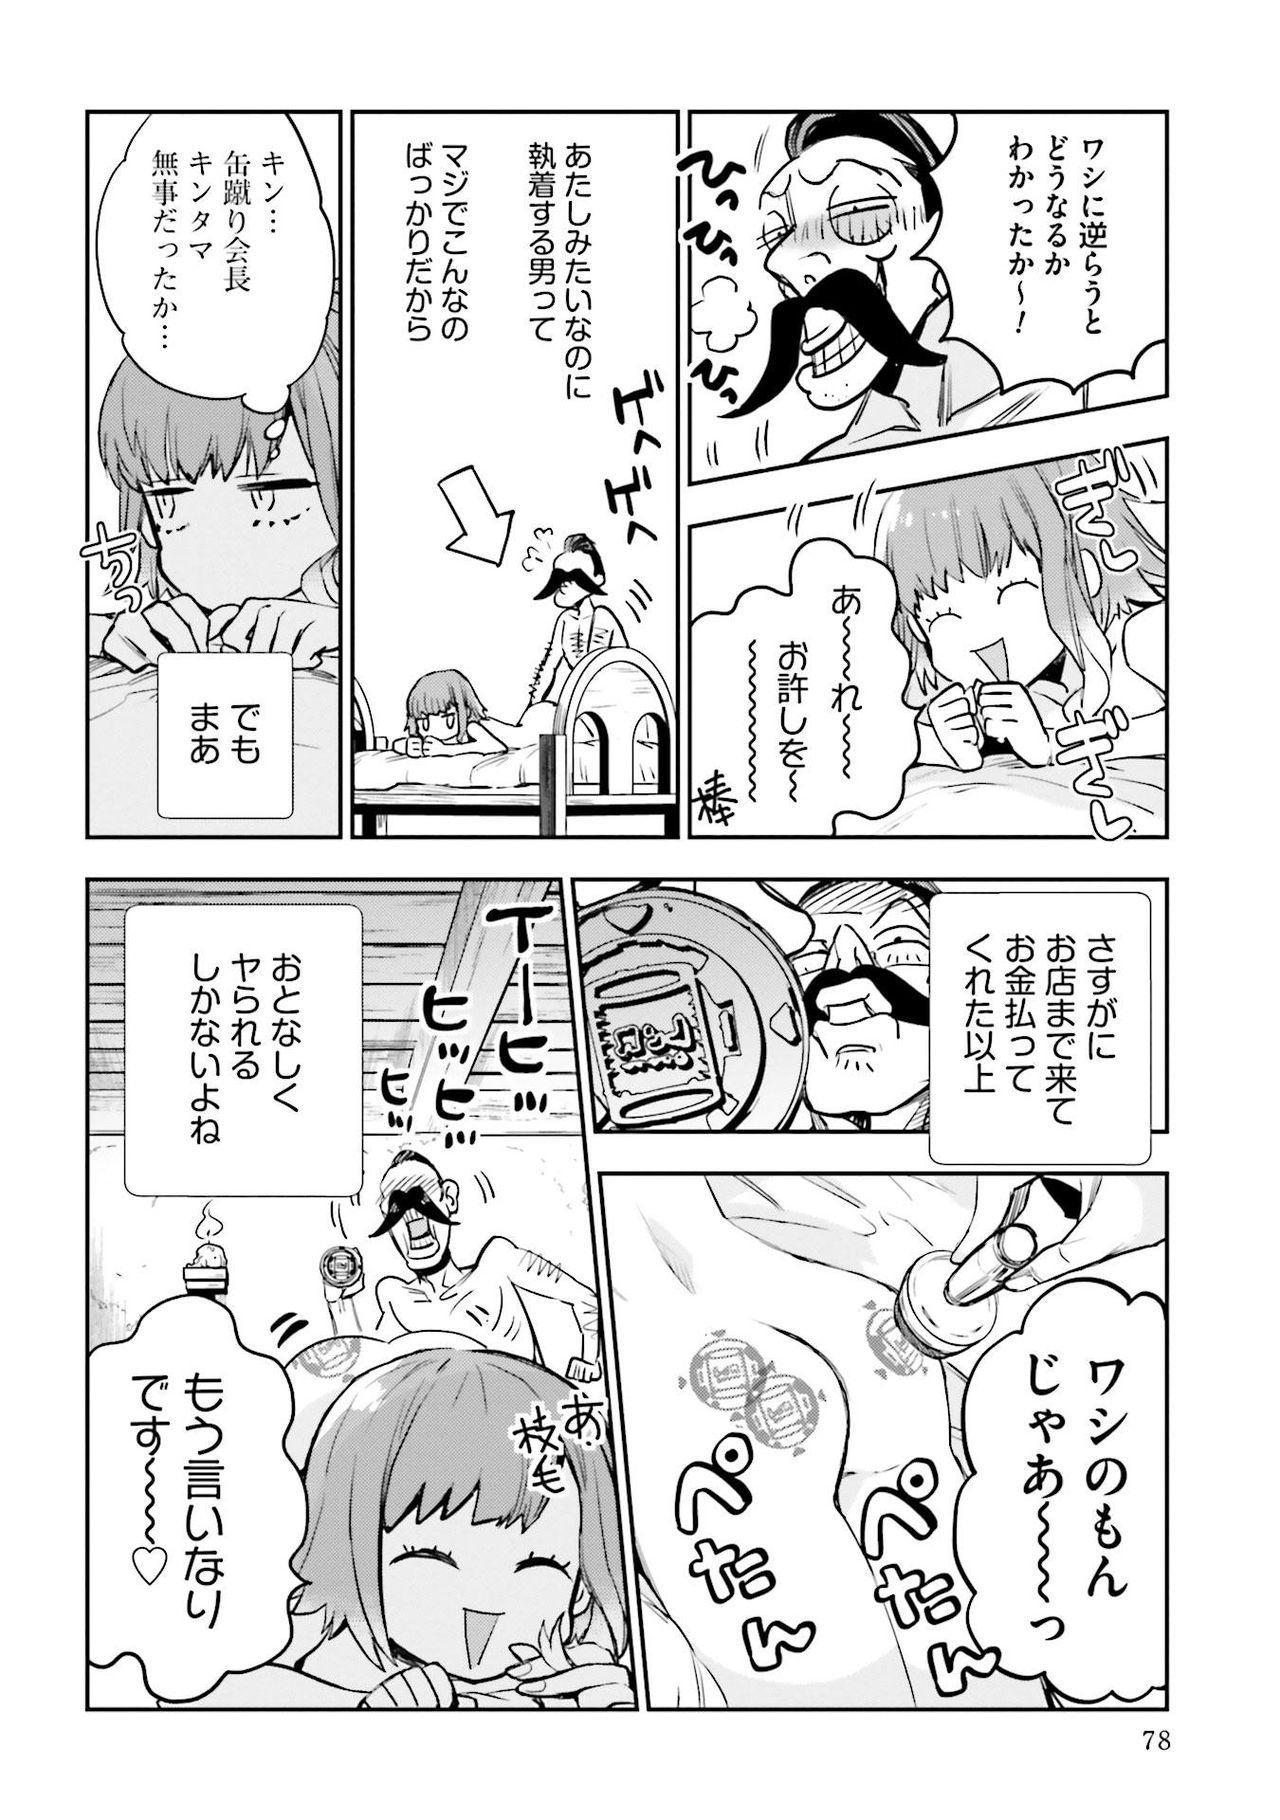 JK Haru wa Isekai de Shoufu ni Natta 1-14 437